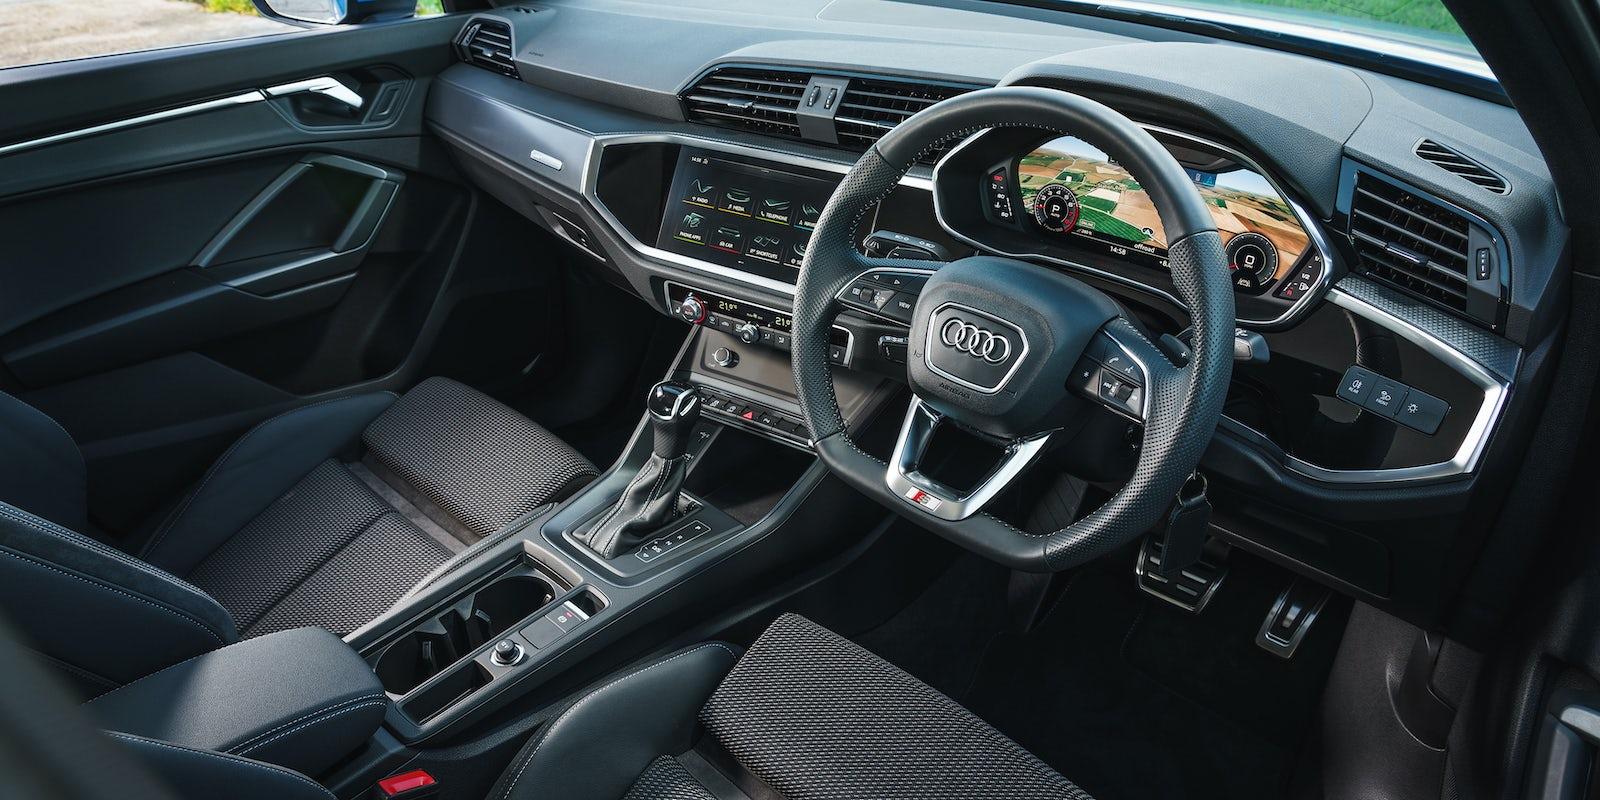 Audi Q3 Interior & Infotainment